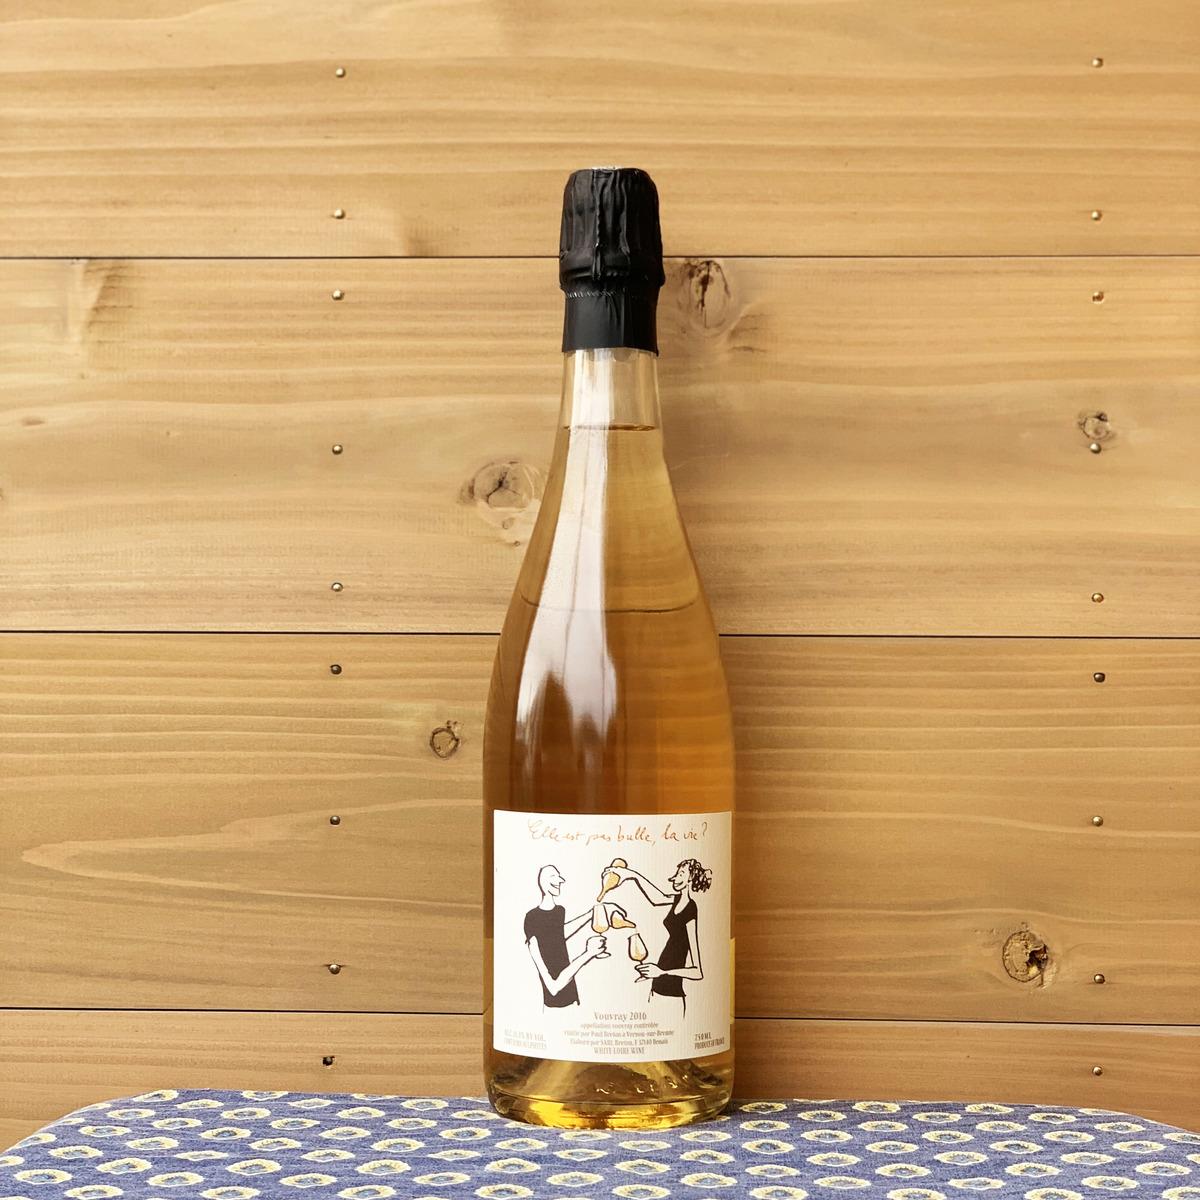 価格交渉OK送料無料 実力派生産者カトリーヌとピエールのブルトン夫妻の長男ポールのリリースしたスパークリングワインです ロワール地方 代引き不可 フランス ドメーヌ ブルトン エレ パ '16 ラ 自然派ワイン スパークリングワイン ヴィー ビュル